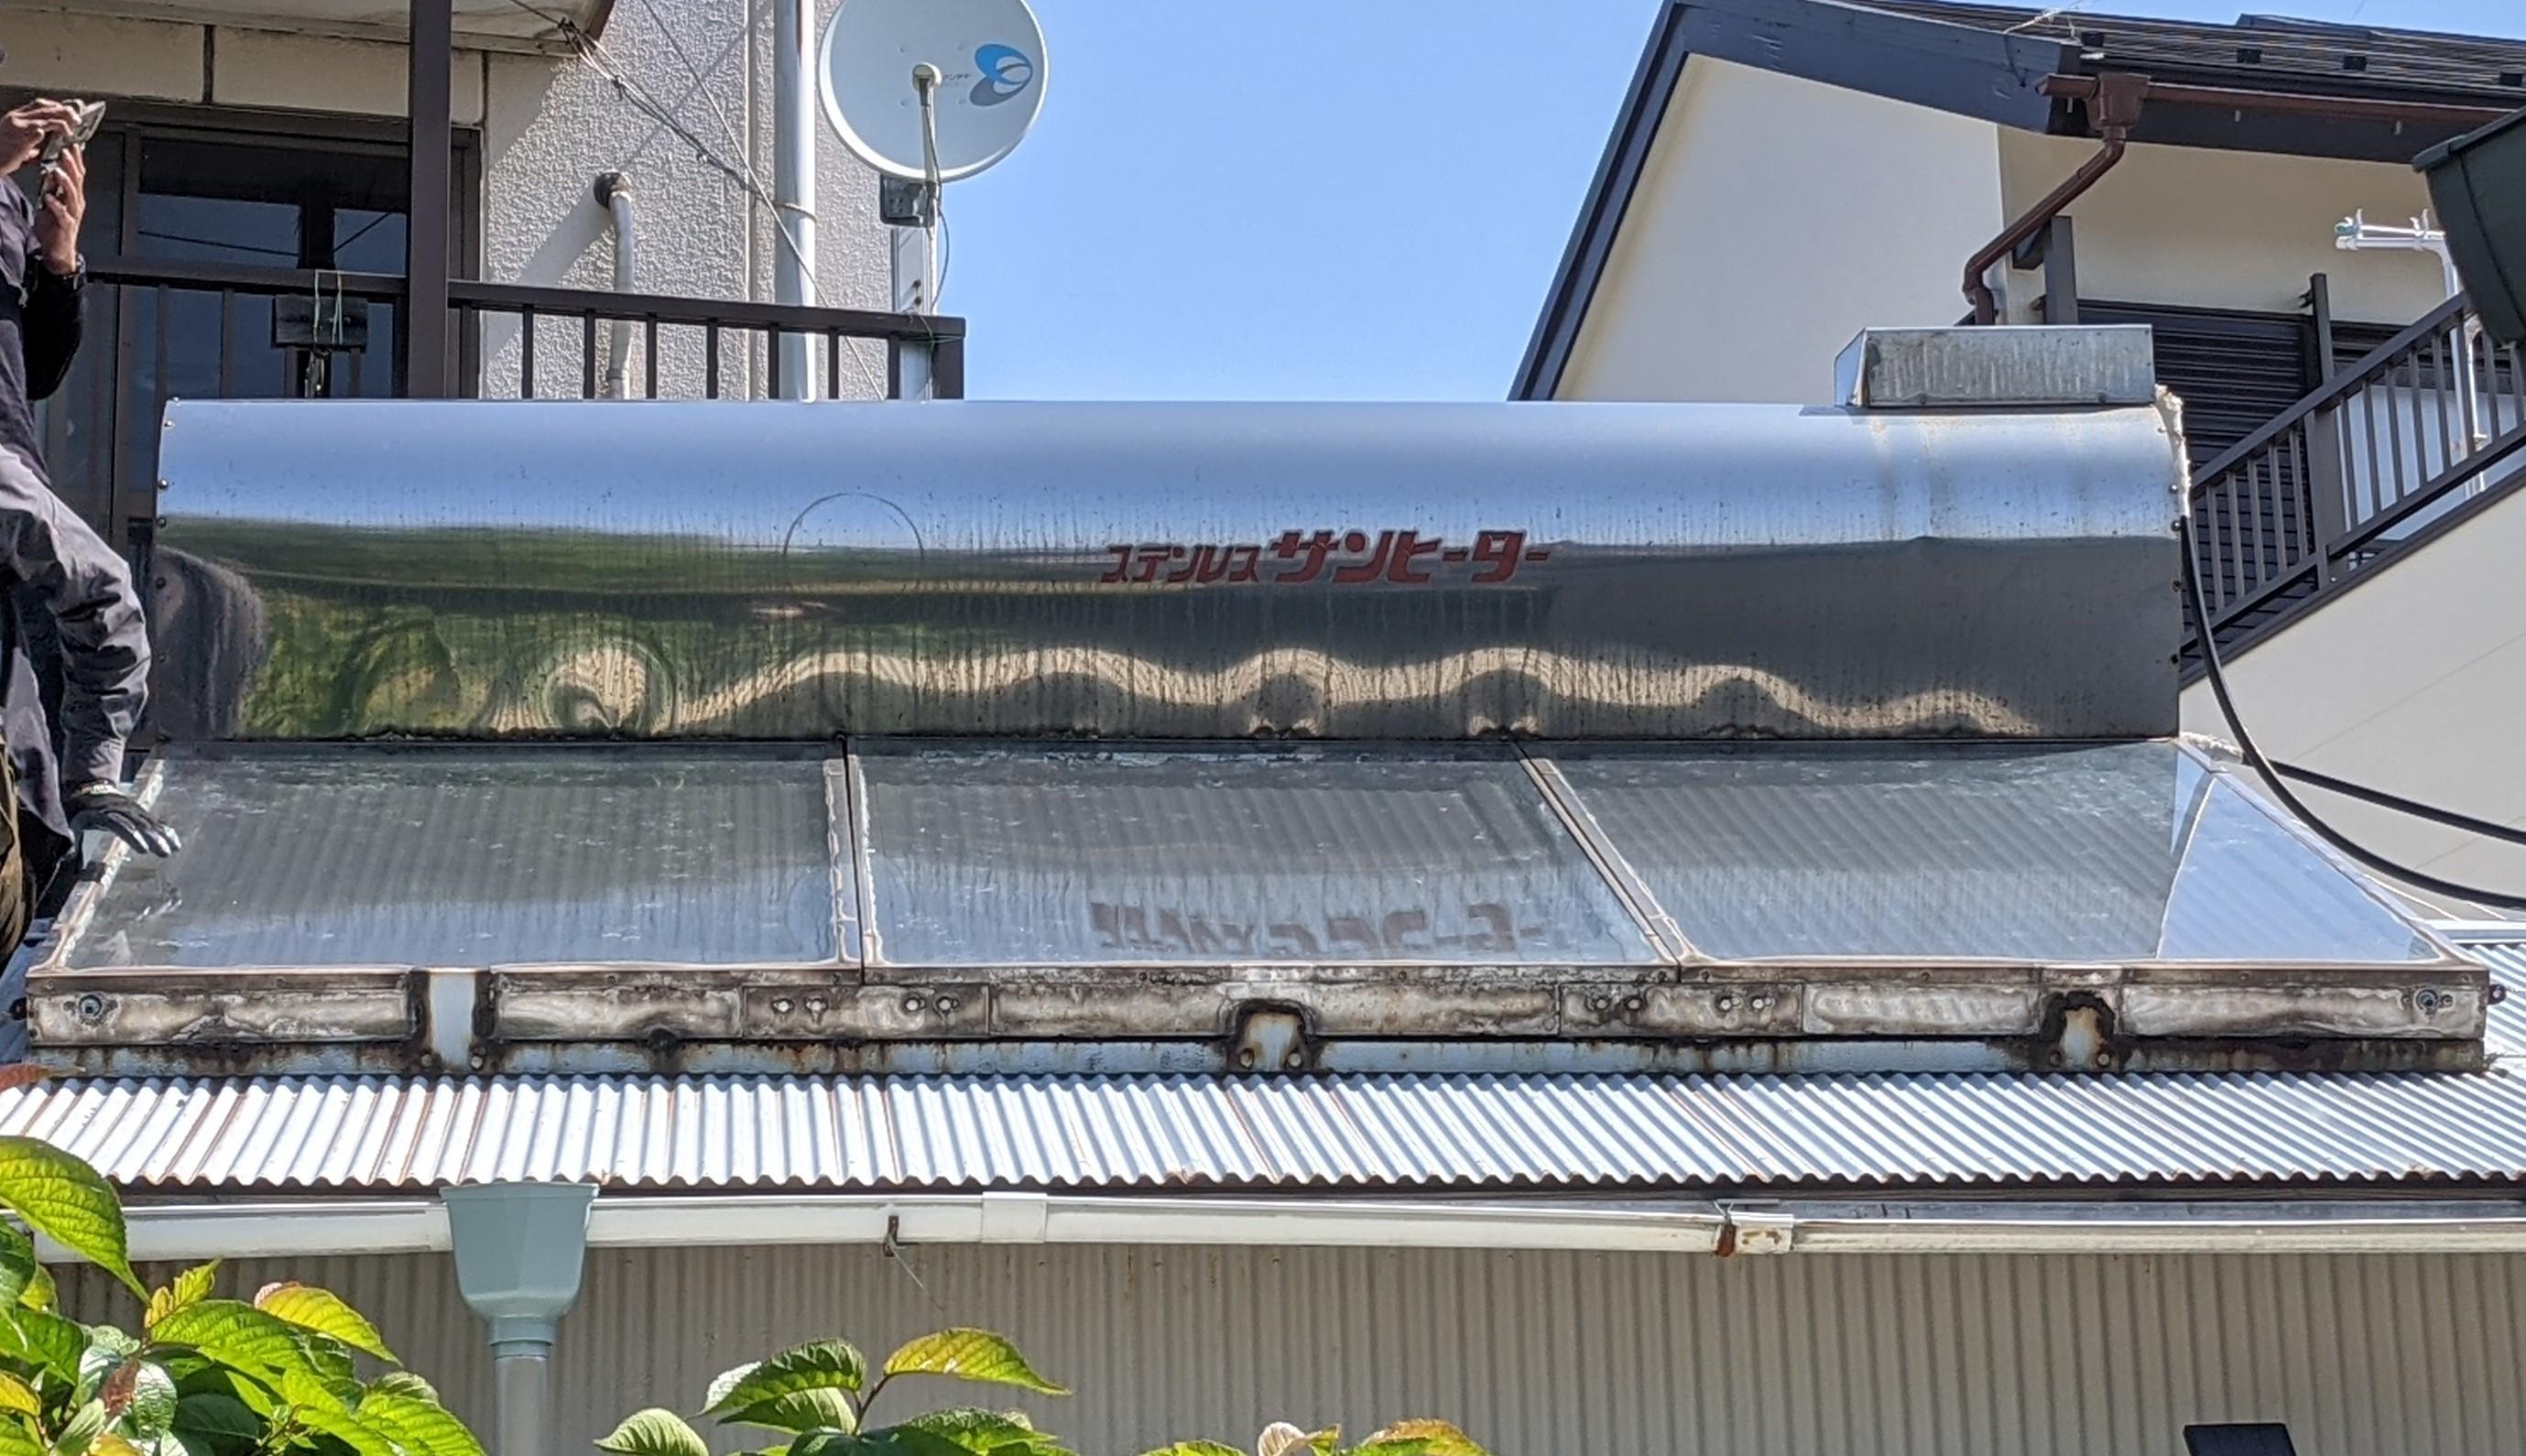 横浜市栄区N様邸 太陽熱温水器設置